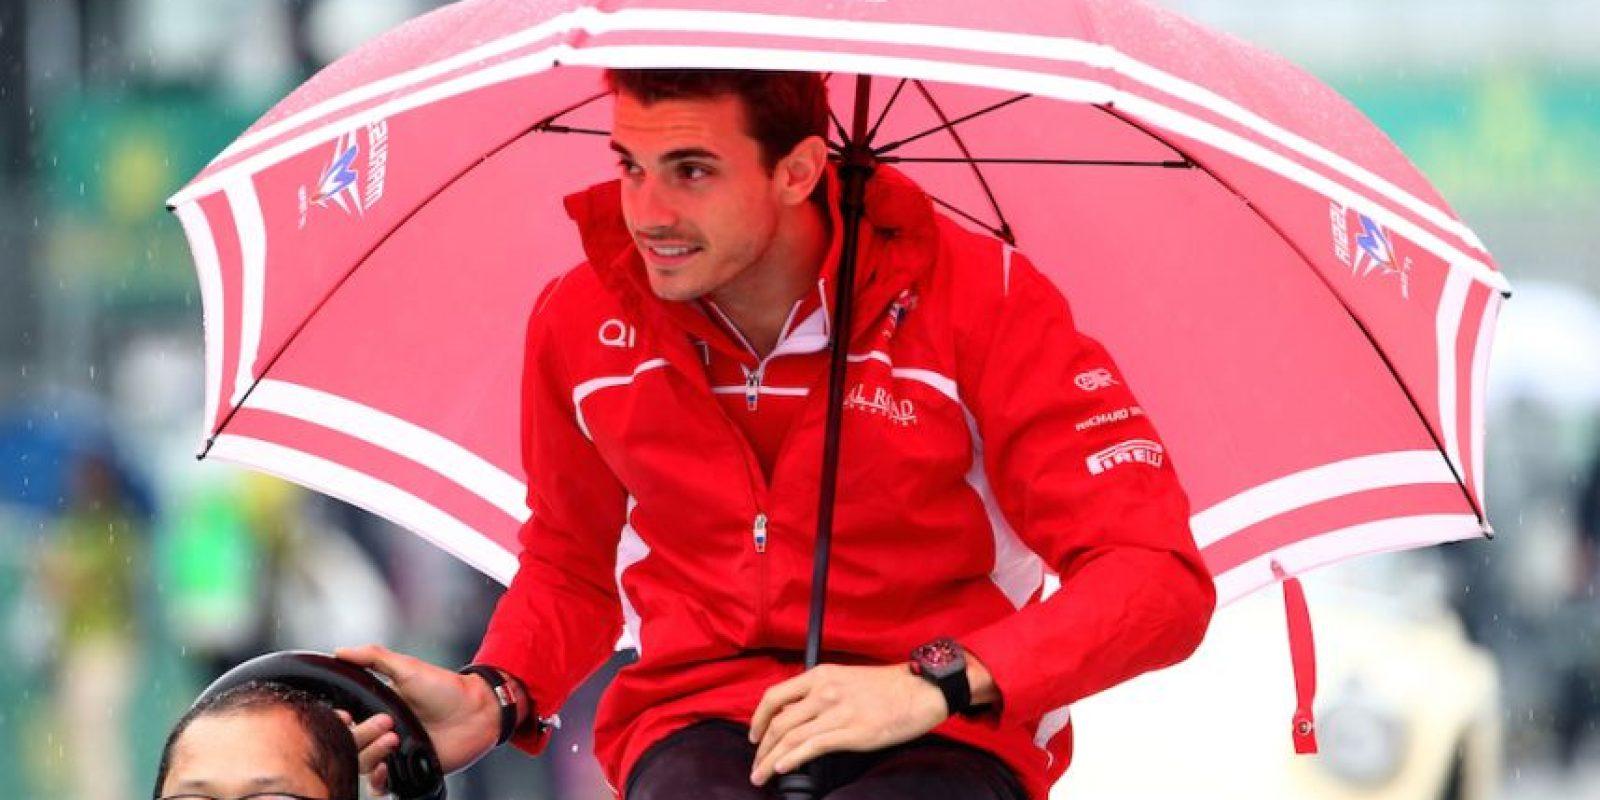 El piloto francés Jules Bianchi sufrió un aparatoso accidente en el Gran Premio de Japón. Foto:Getty Images